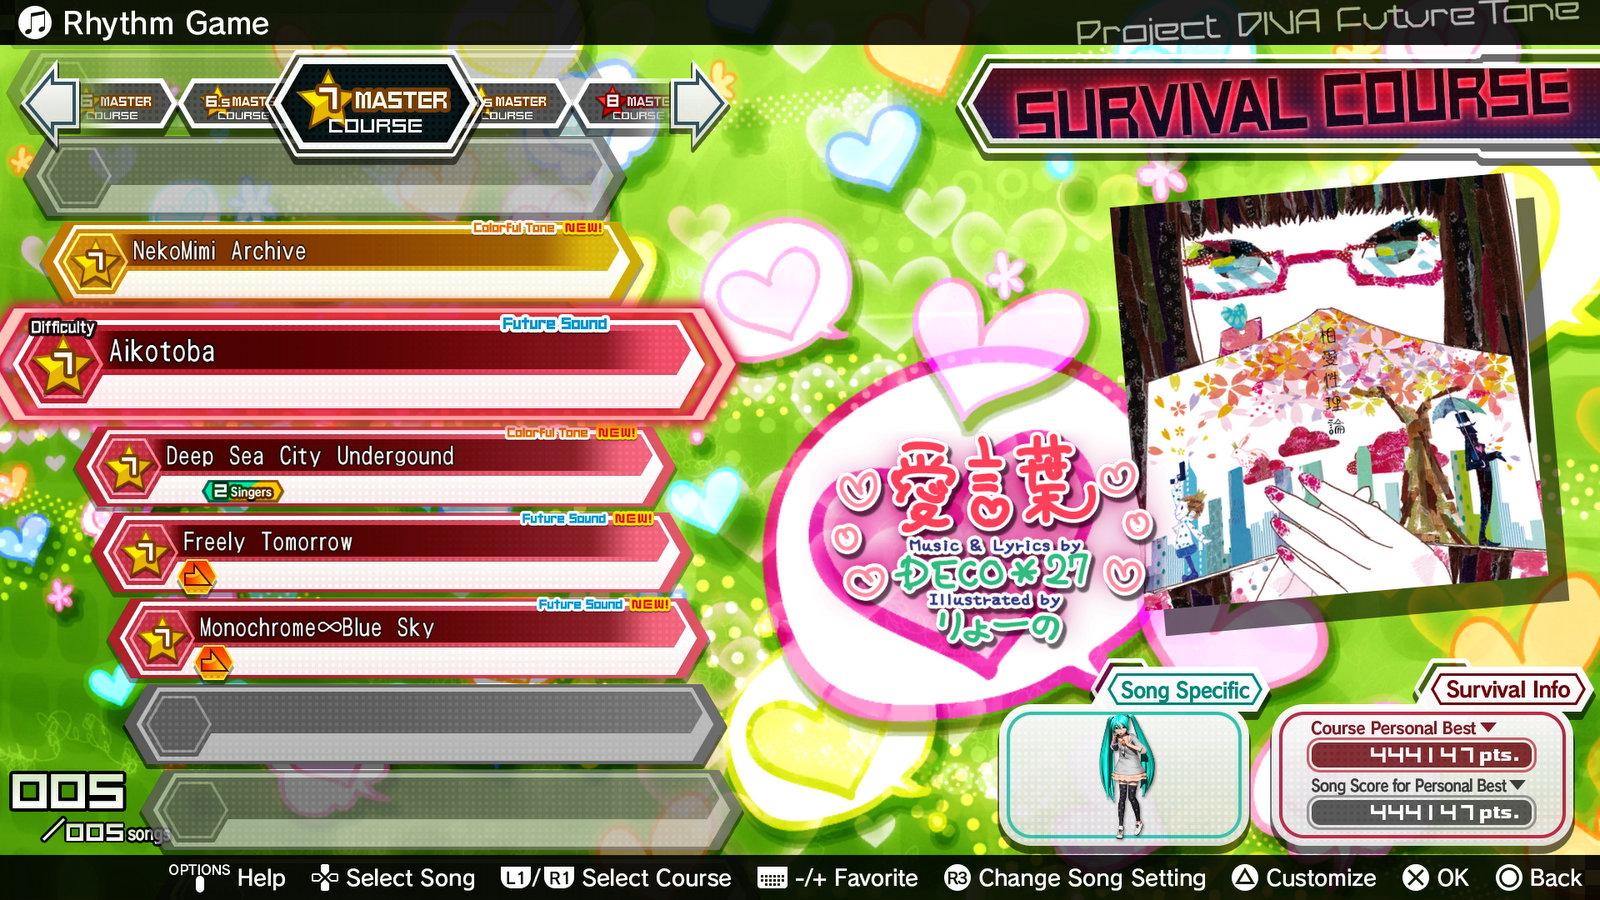 Hatsune Miku: Project DIVA Future Tone | SEGA